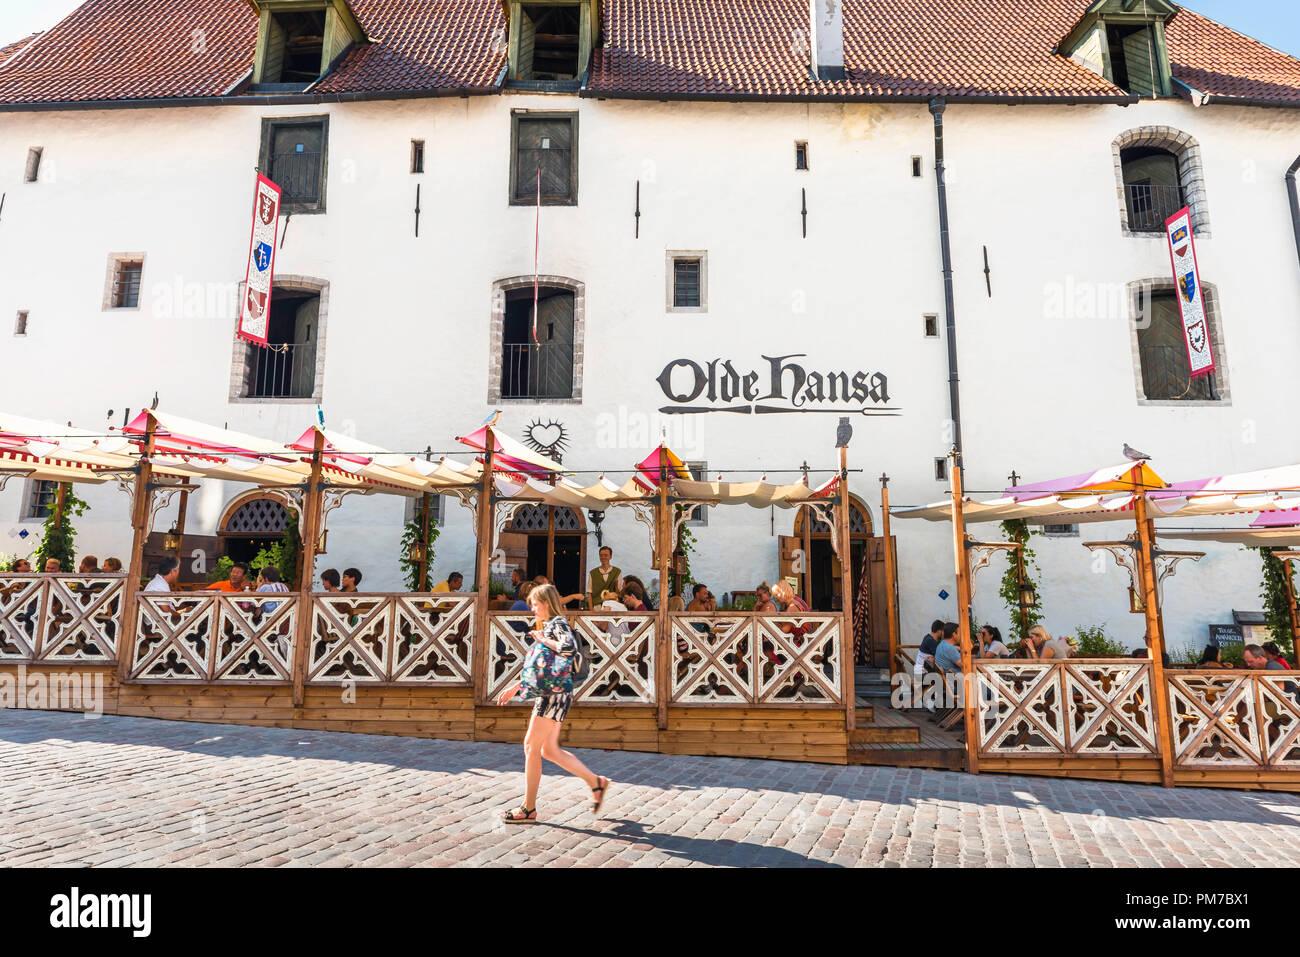 Tallinn restaurant, view of the famous Olde Hansa restaurant tavern in the center of the Old Town quarter of Tallinn, Estonia. - Stock Image